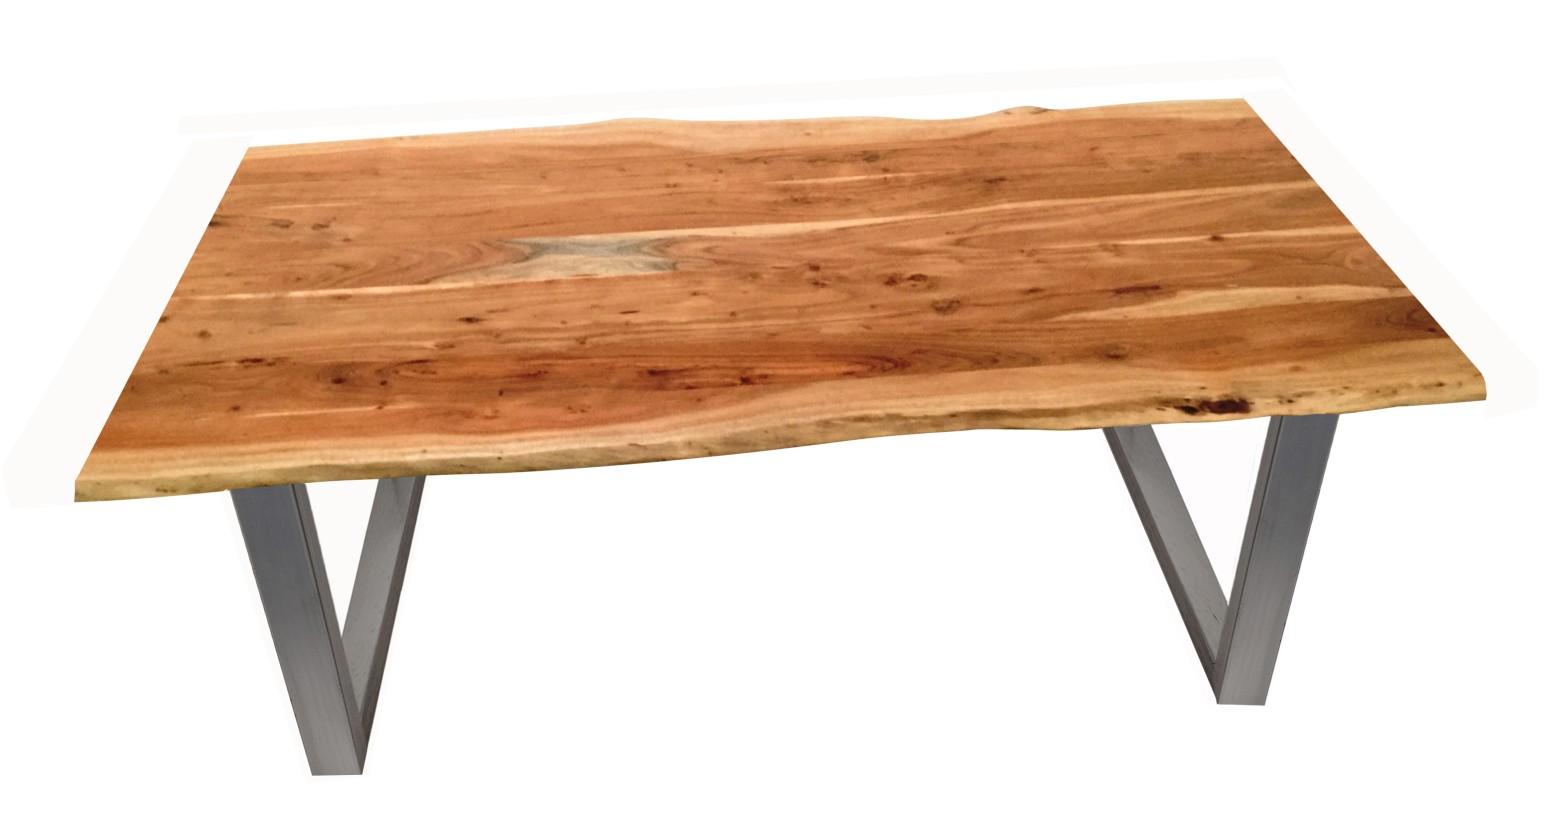 Full Size of Esstisch Baumkante Antiksilber Natur 120 80 Cm Tische Tables Kleiner Sheesham Klein Set Günstig Mit Stühlen Bett 140x200 Stauraum Deckenlampe Sofa Esstische Esstisch Mit Baumkante